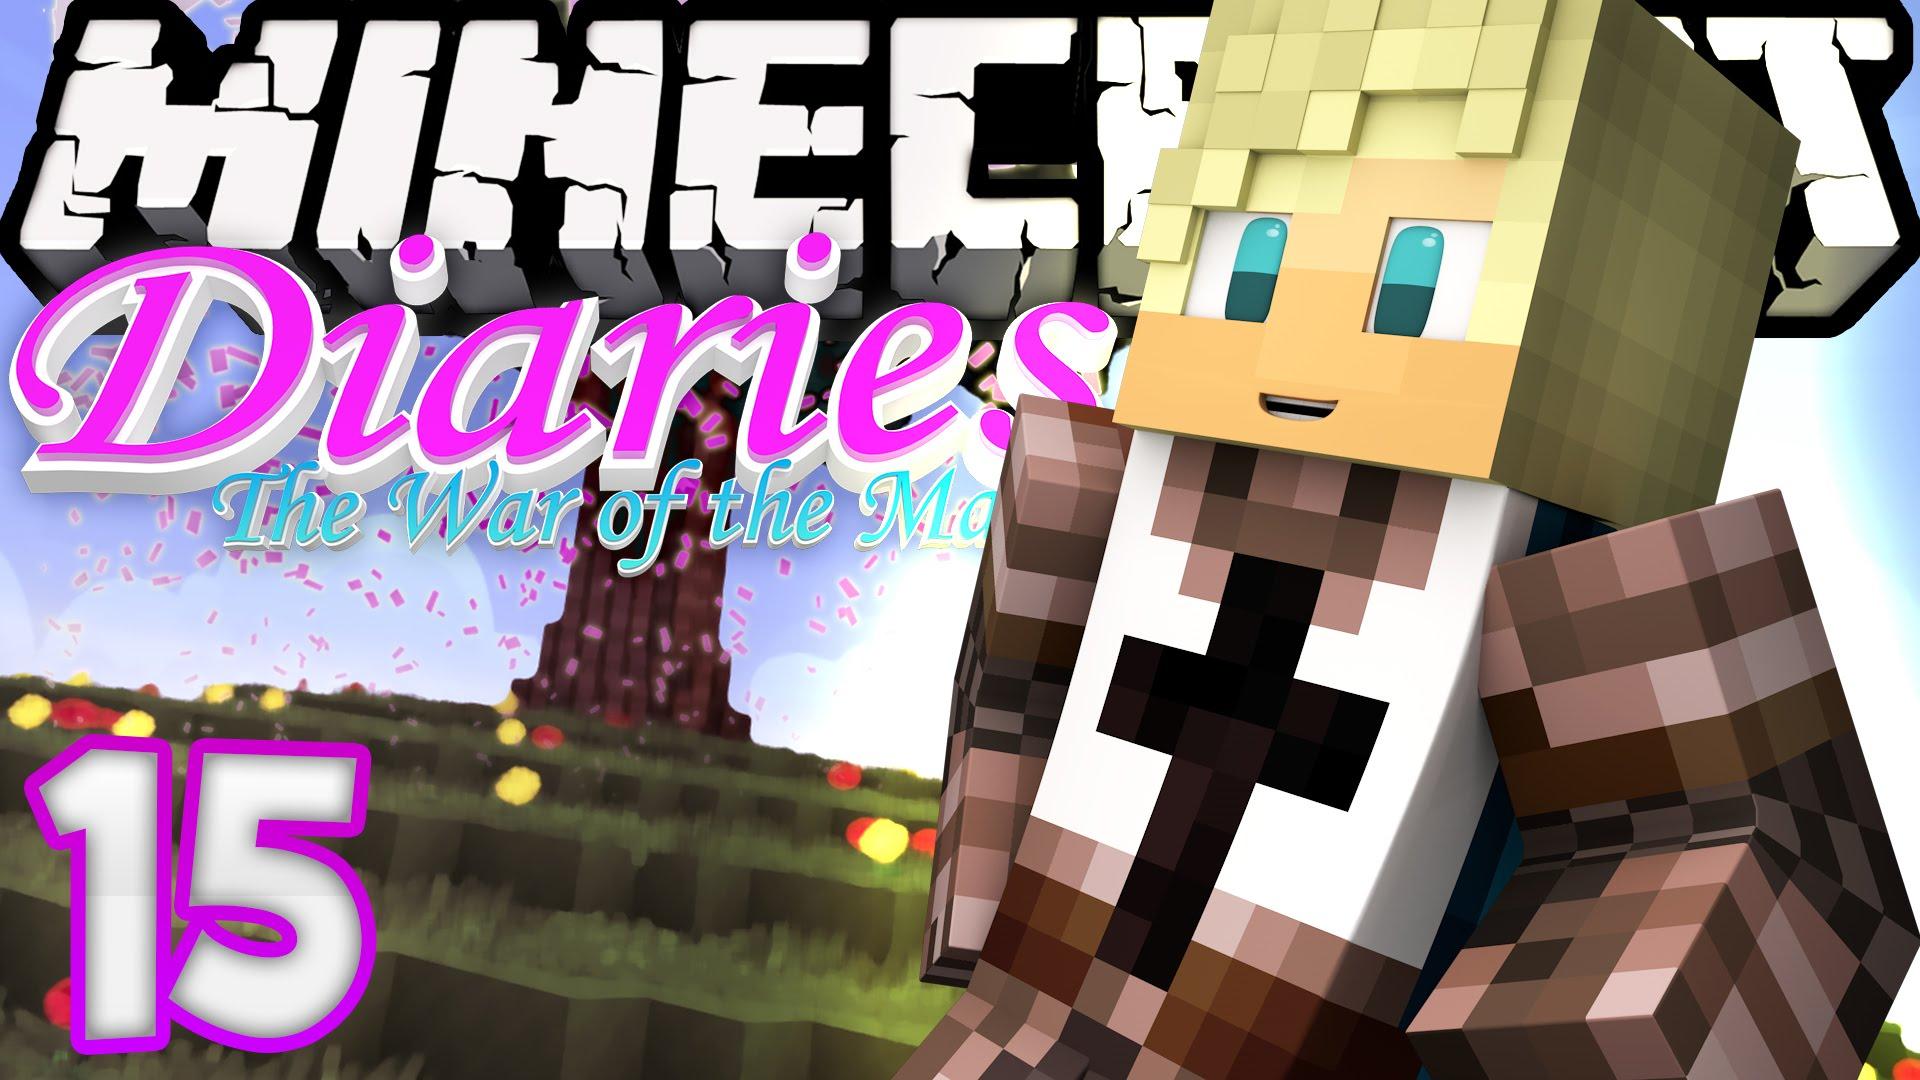 Best Wallpaper Minecraft Aaron - latest?cb\u003d20160205193410  Pic_624334.jpg/revision/latest?cb\u003d20160205193410